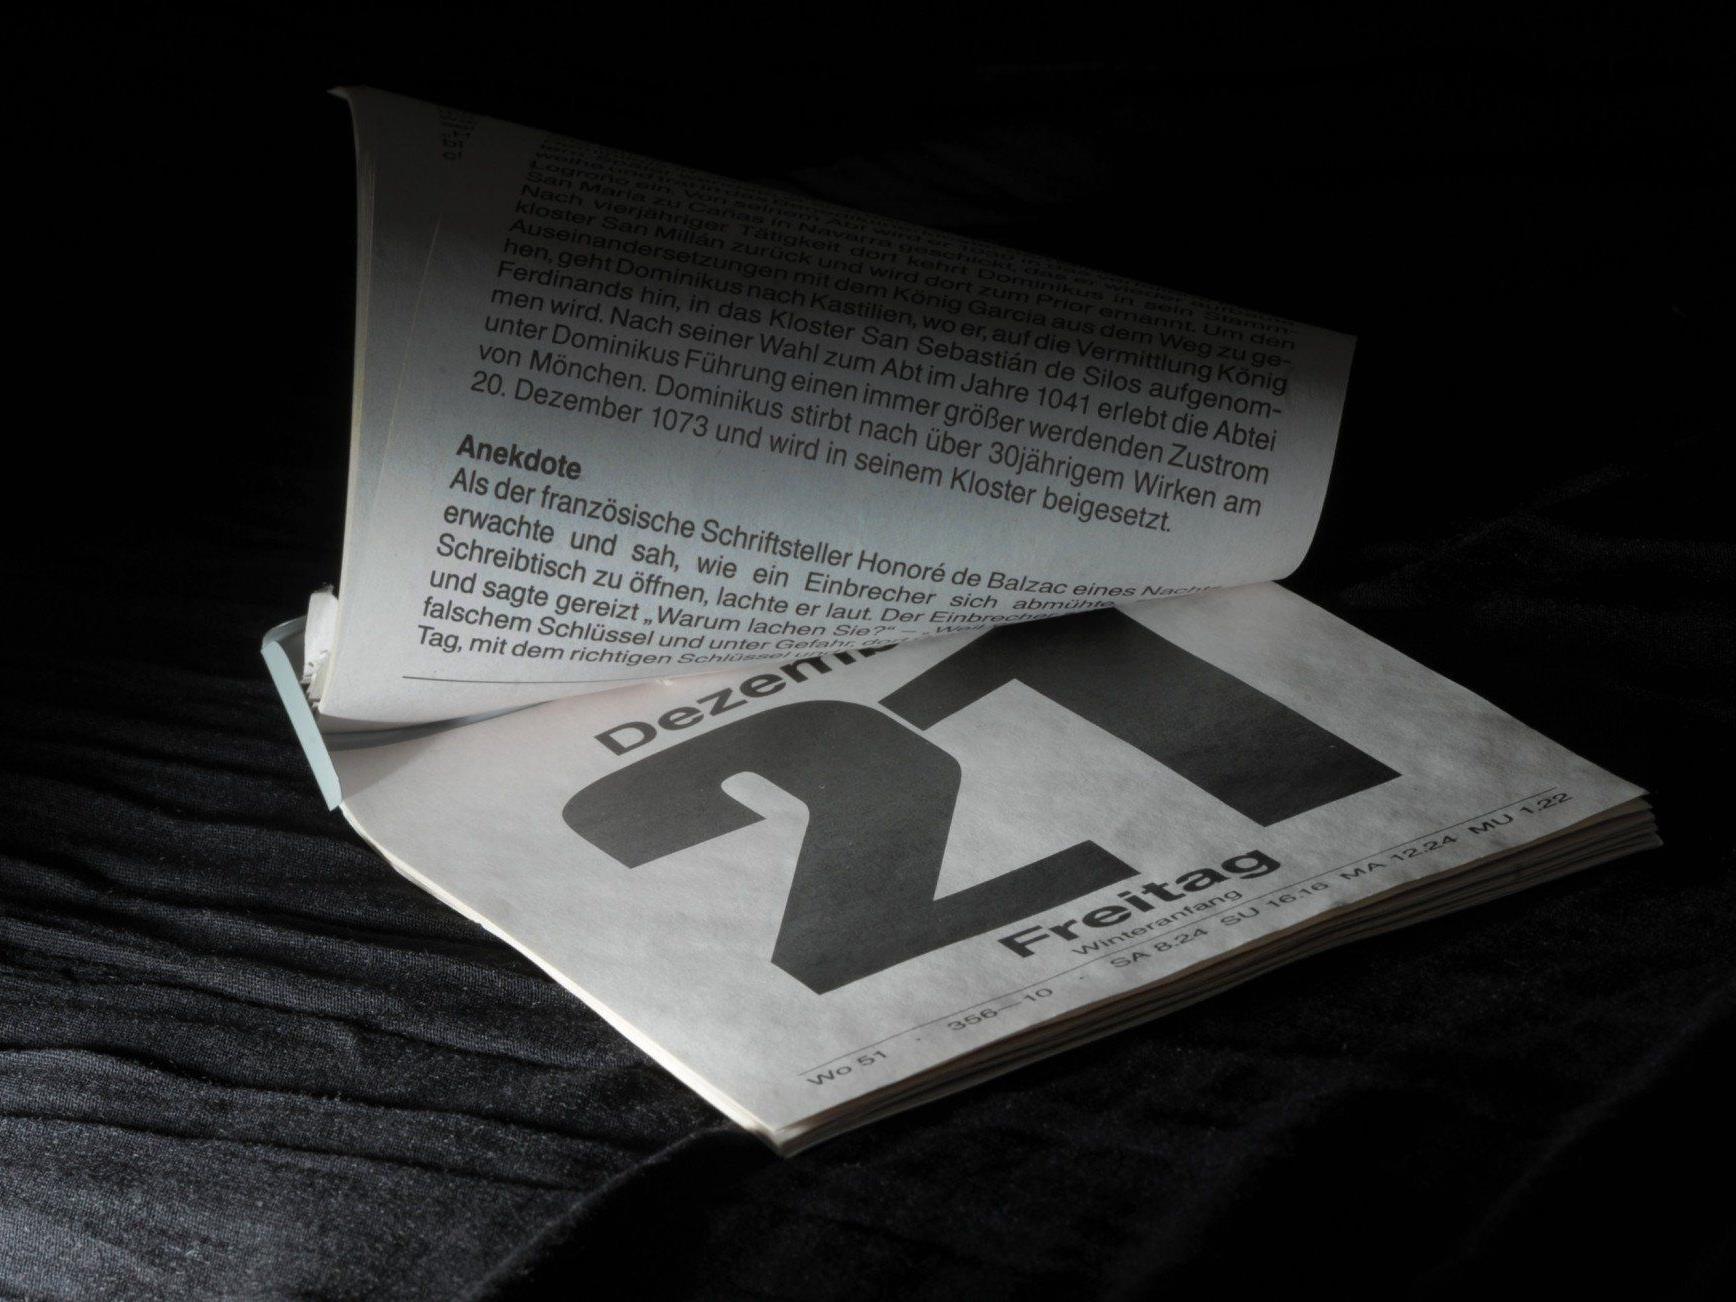 Für den 21. Dezember 2012 wurde der Weltuntergang vorhergesagt.